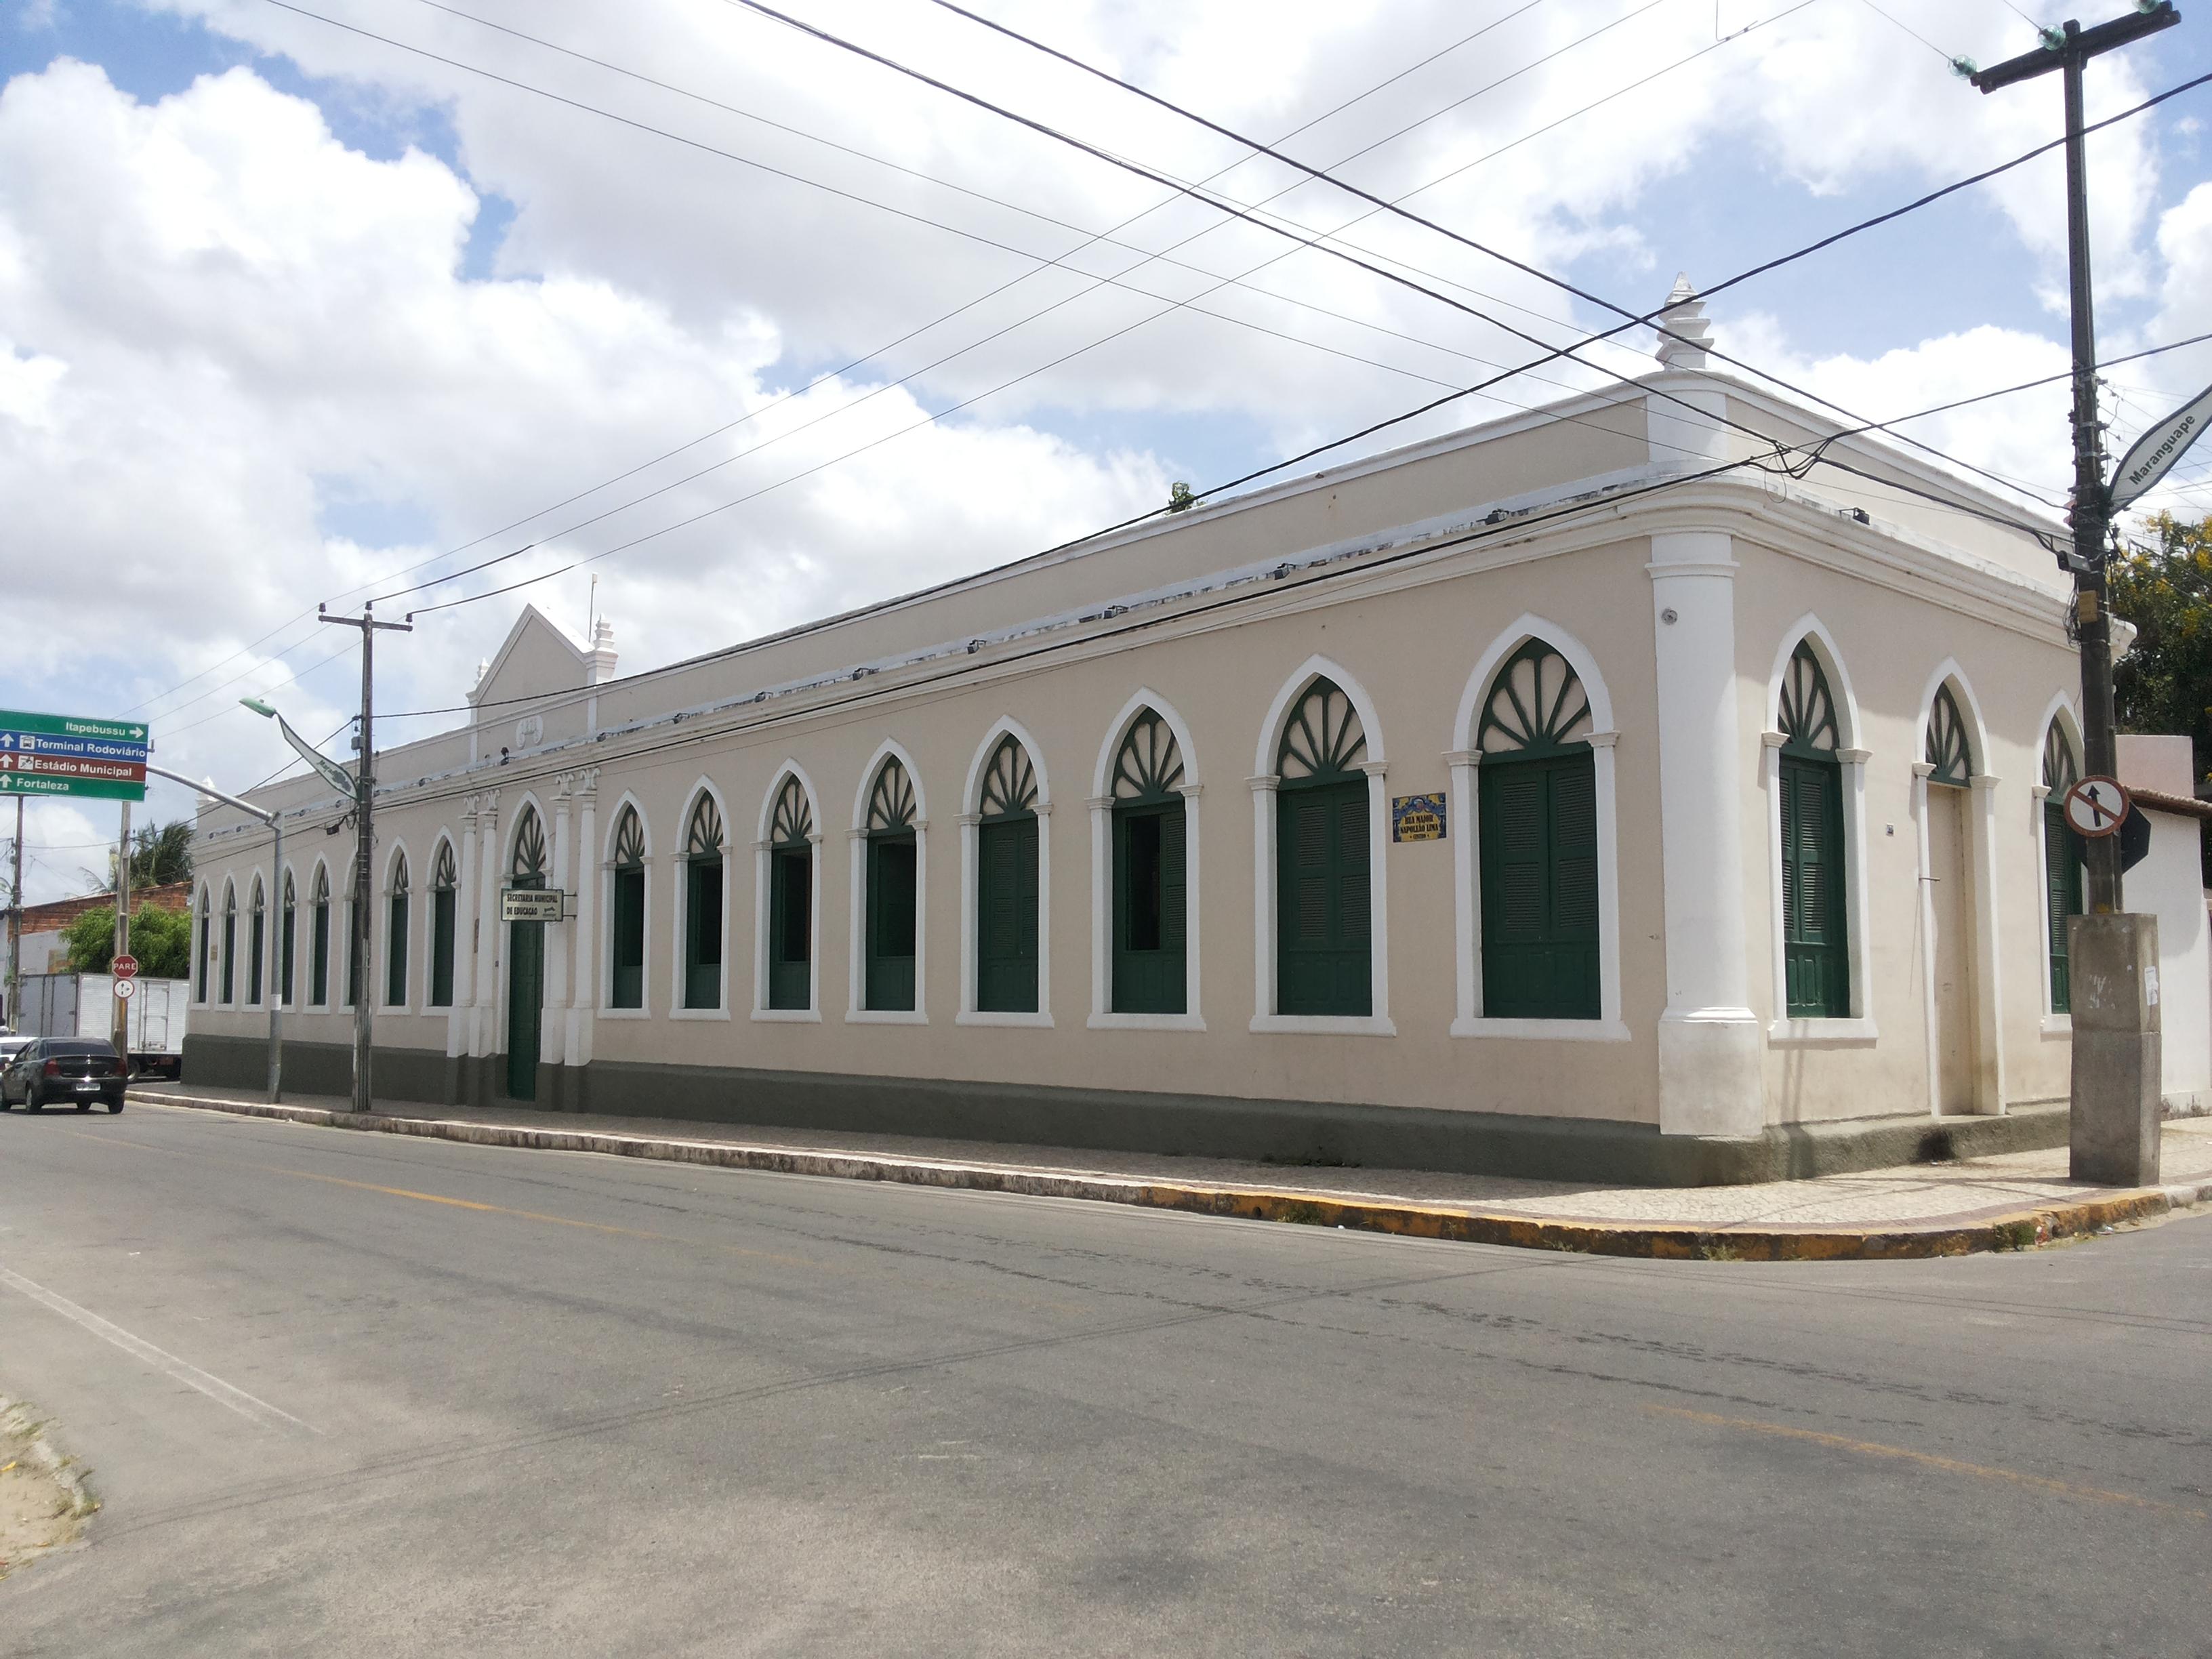 Casarão onde funcionou a Prefeitura de Maranguape. Foto Dadynha Saturnino